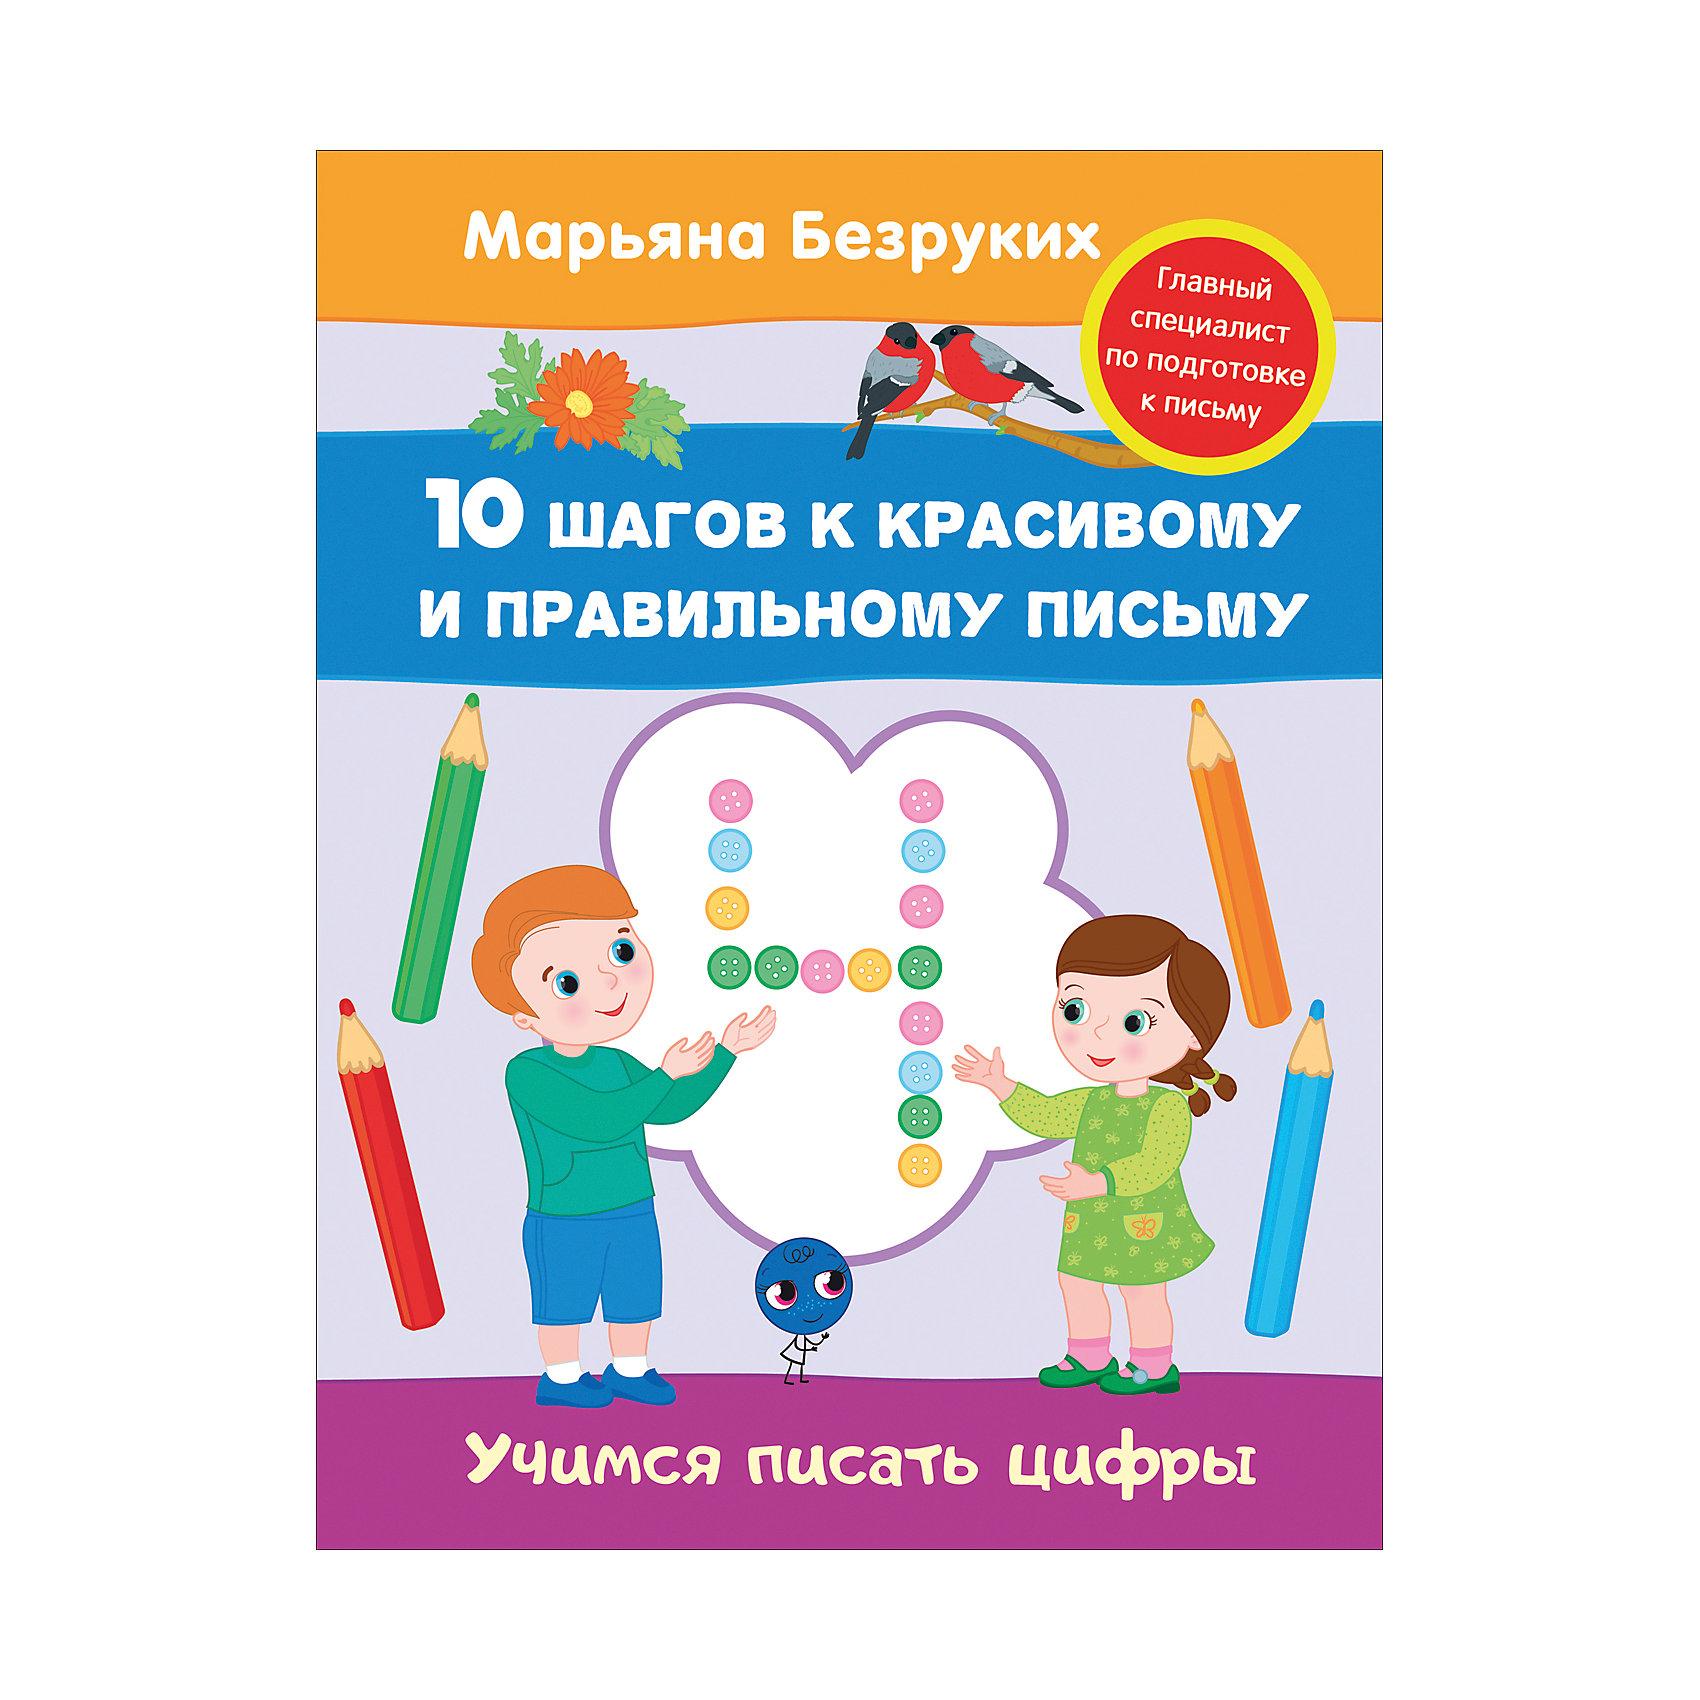 Методическое пособие Учимся писать цифрыРазвивающие книги<br>- Активное формирование у ребенка зрительно-моторных функций, восприятия, памяти, внимания;&#13;<br>- Учет психологических и физиологических закономерностей развития ребенка;&#13;<br>- Методическая продуманность каждого шага;&#13;<br>- Практические рекомендации для родителей и воспитателей.<br><br>Ширина мм: 255<br>Глубина мм: 195<br>Высота мм: 20<br>Вес г: 44<br>Возраст от месяцев: -2147483648<br>Возраст до месяцев: 2147483647<br>Пол: Унисекс<br>Возраст: Детский<br>SKU: 5507107